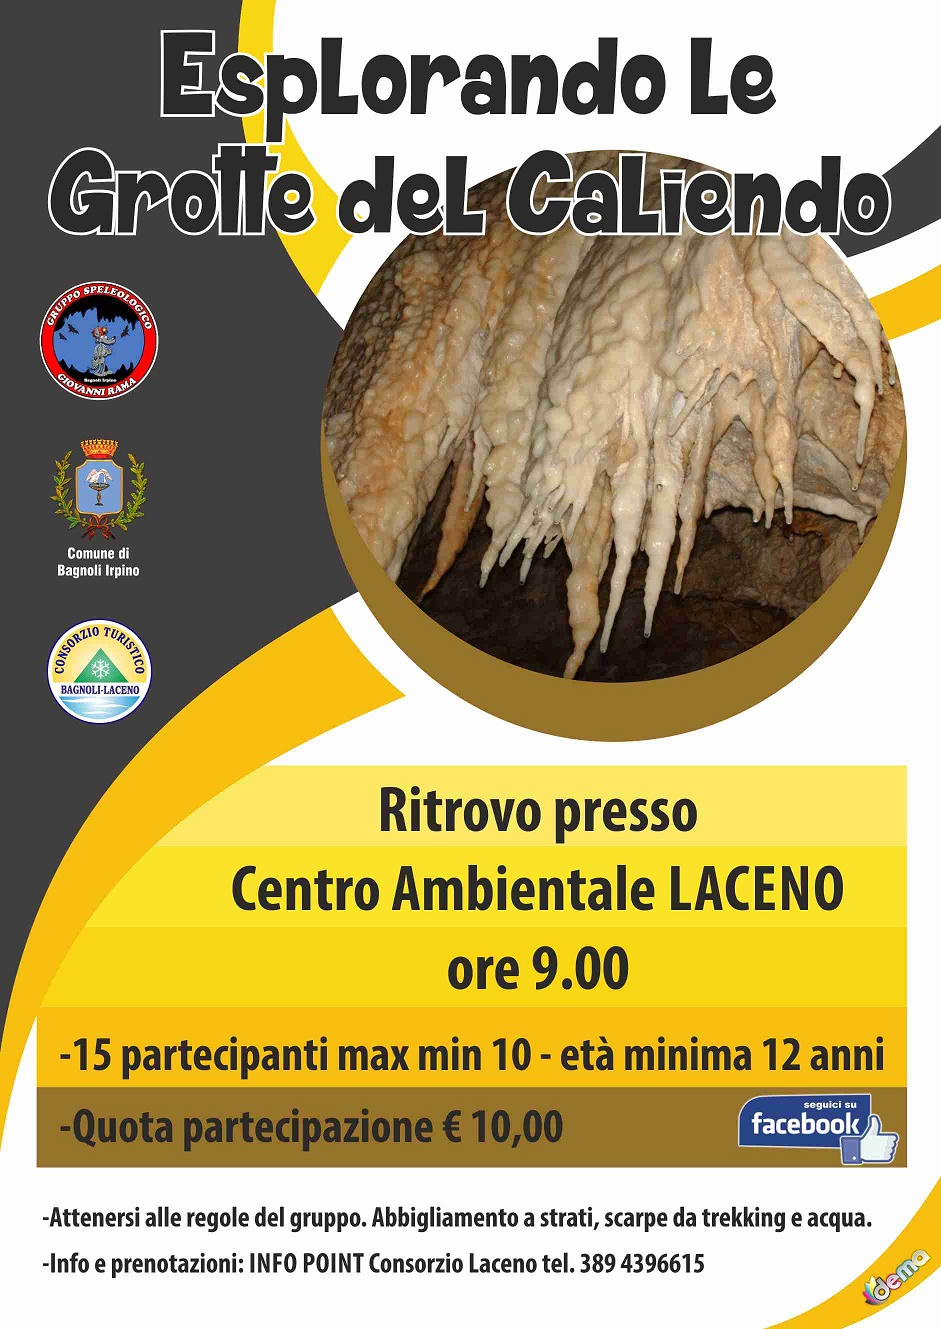 Locandina-Esploirando-le-grotte-del-Caliendo-2017